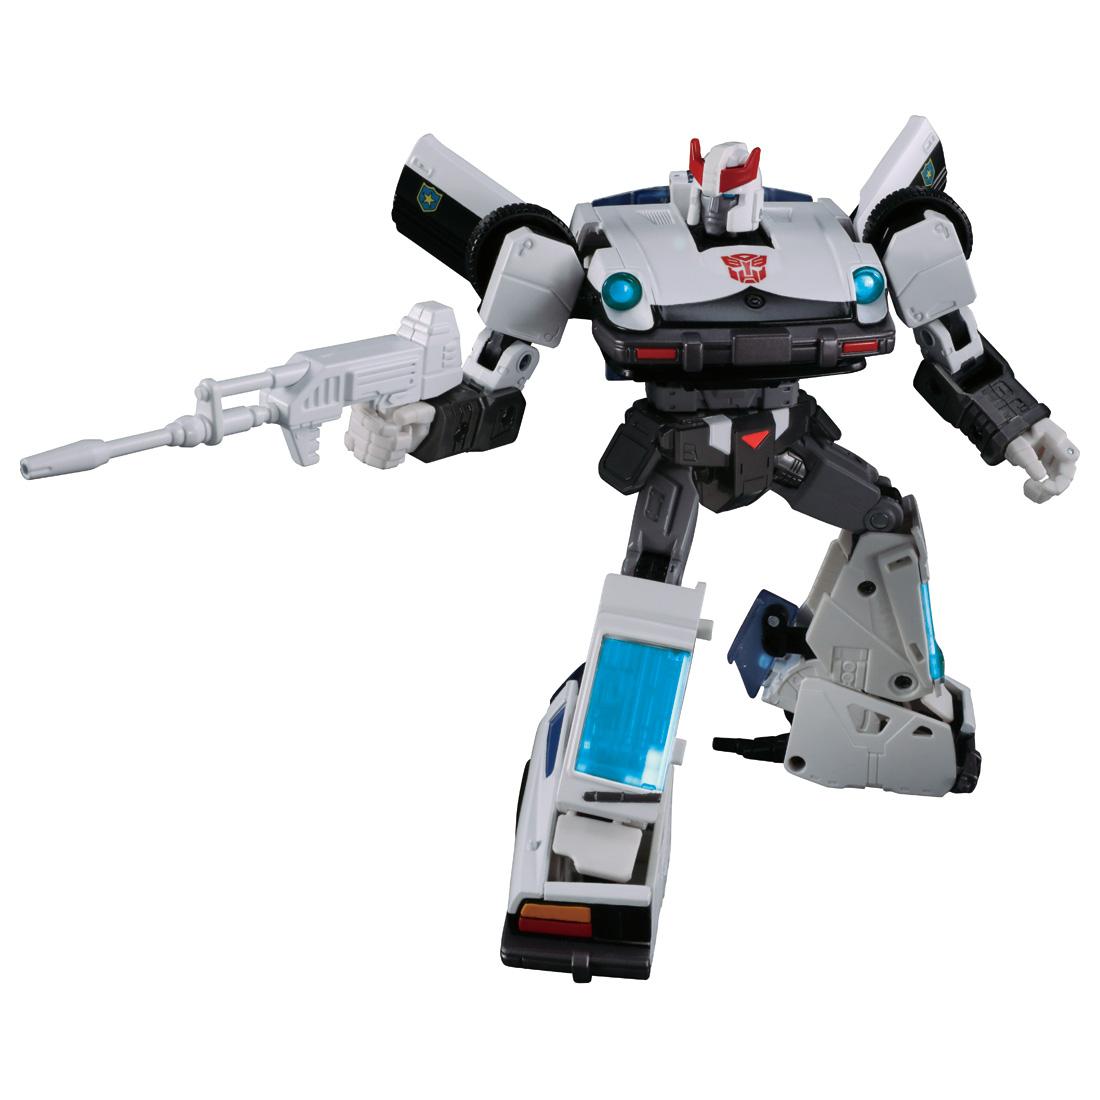 【蔵出し再販】トランスフォーマー マスターピース『MP-17+ プロール』可変可動フィギュア-003